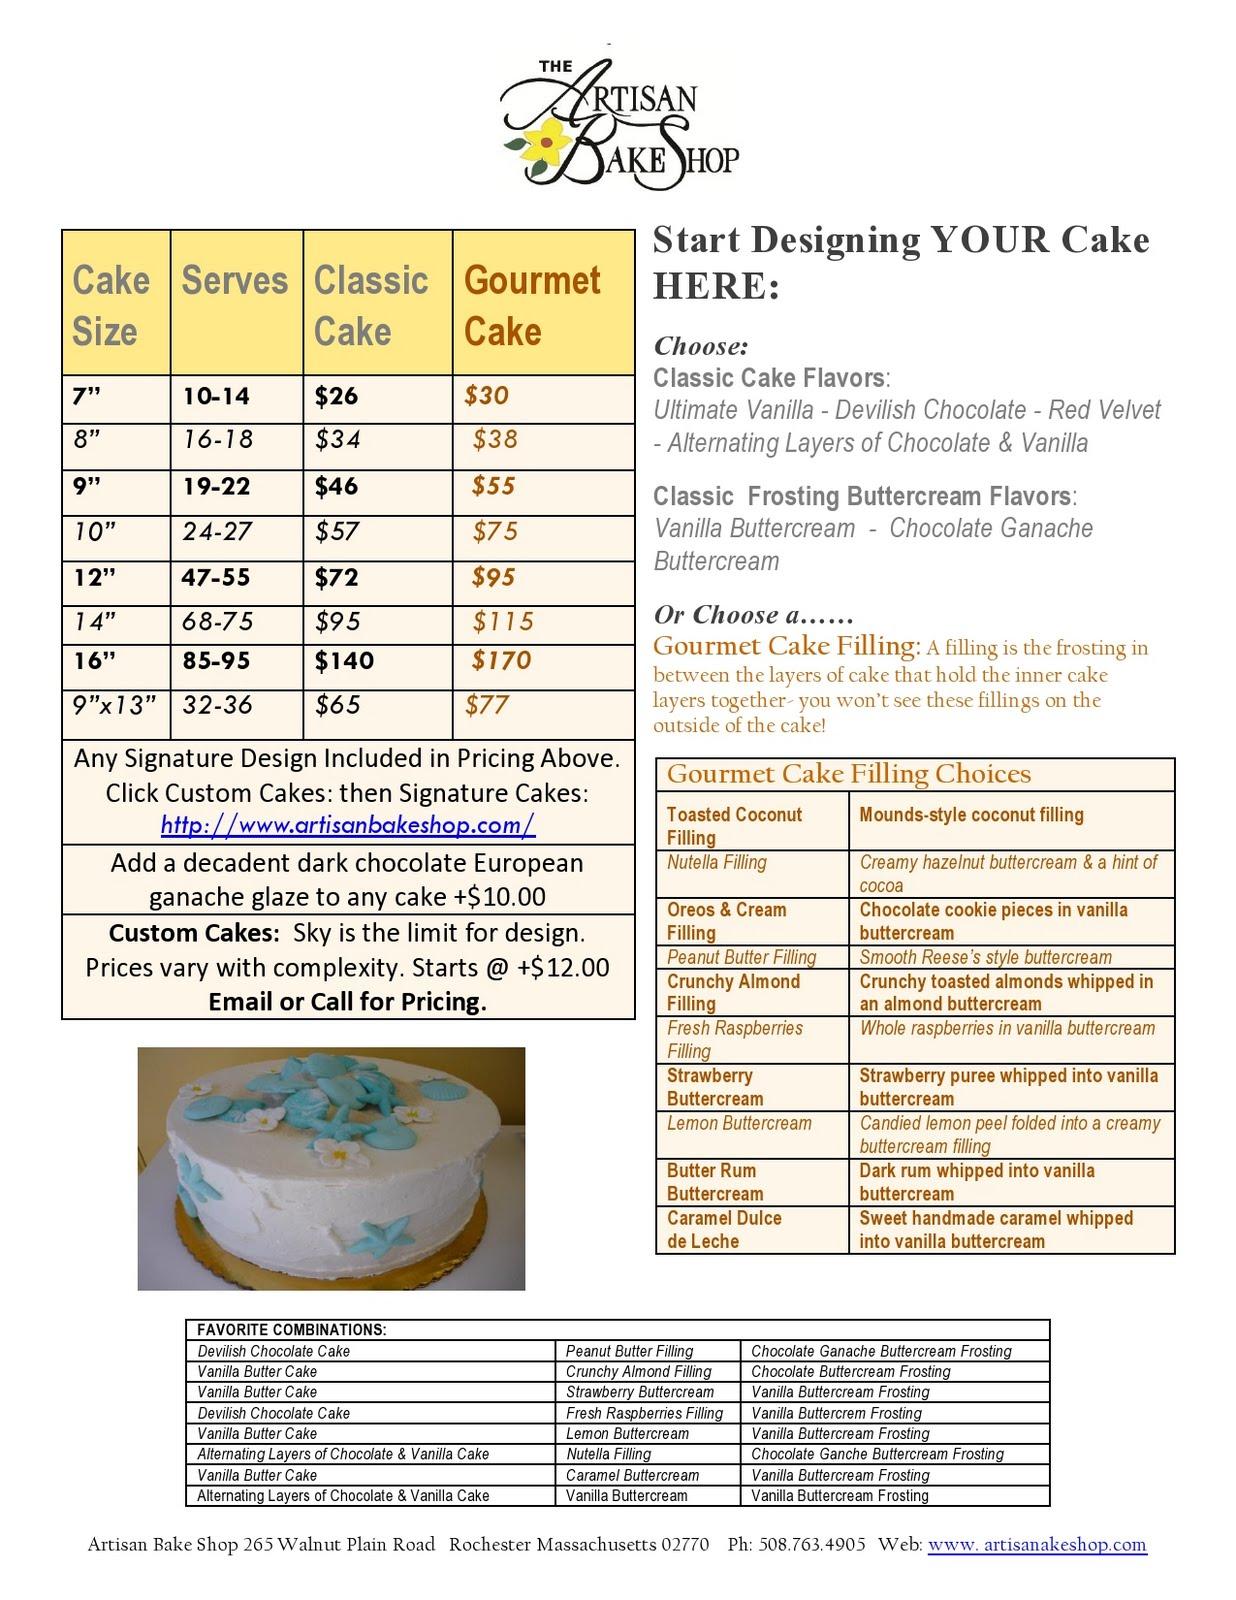 artisan bake shop 2011 cake cupcake vintage cake pricing